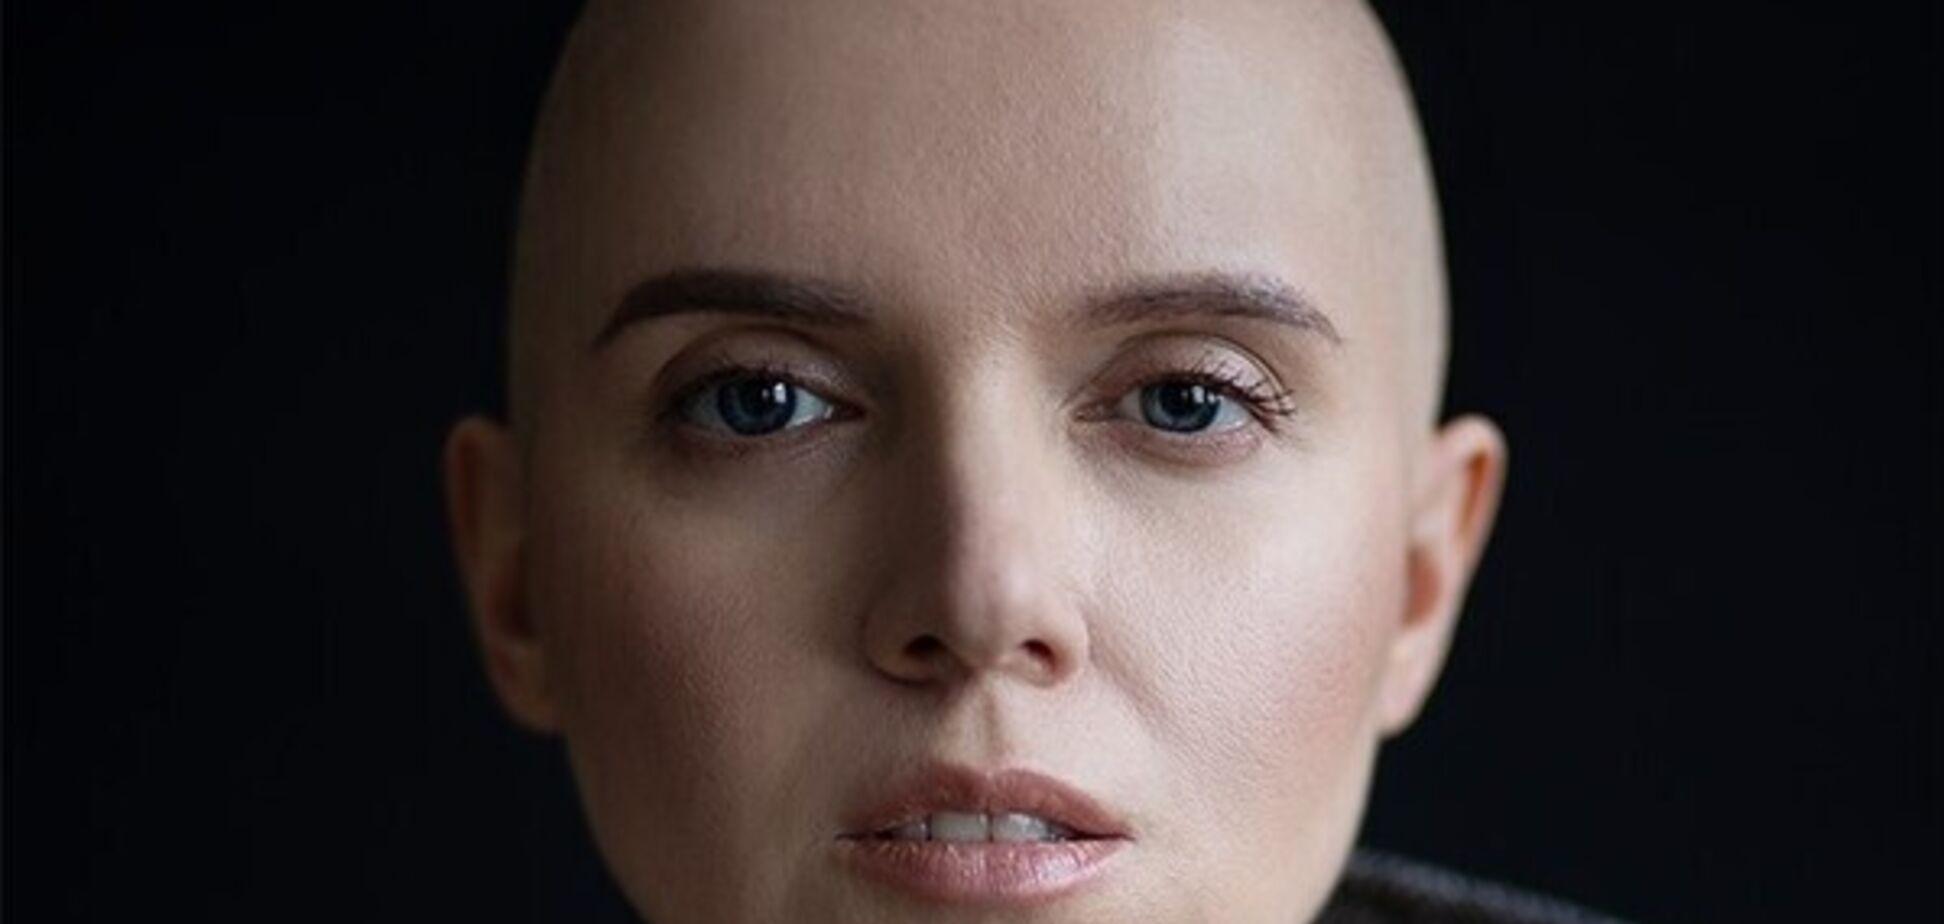 'Це рятує життя!' Журналістка, яка перемогла рак, підірвала мережу потужним закликом